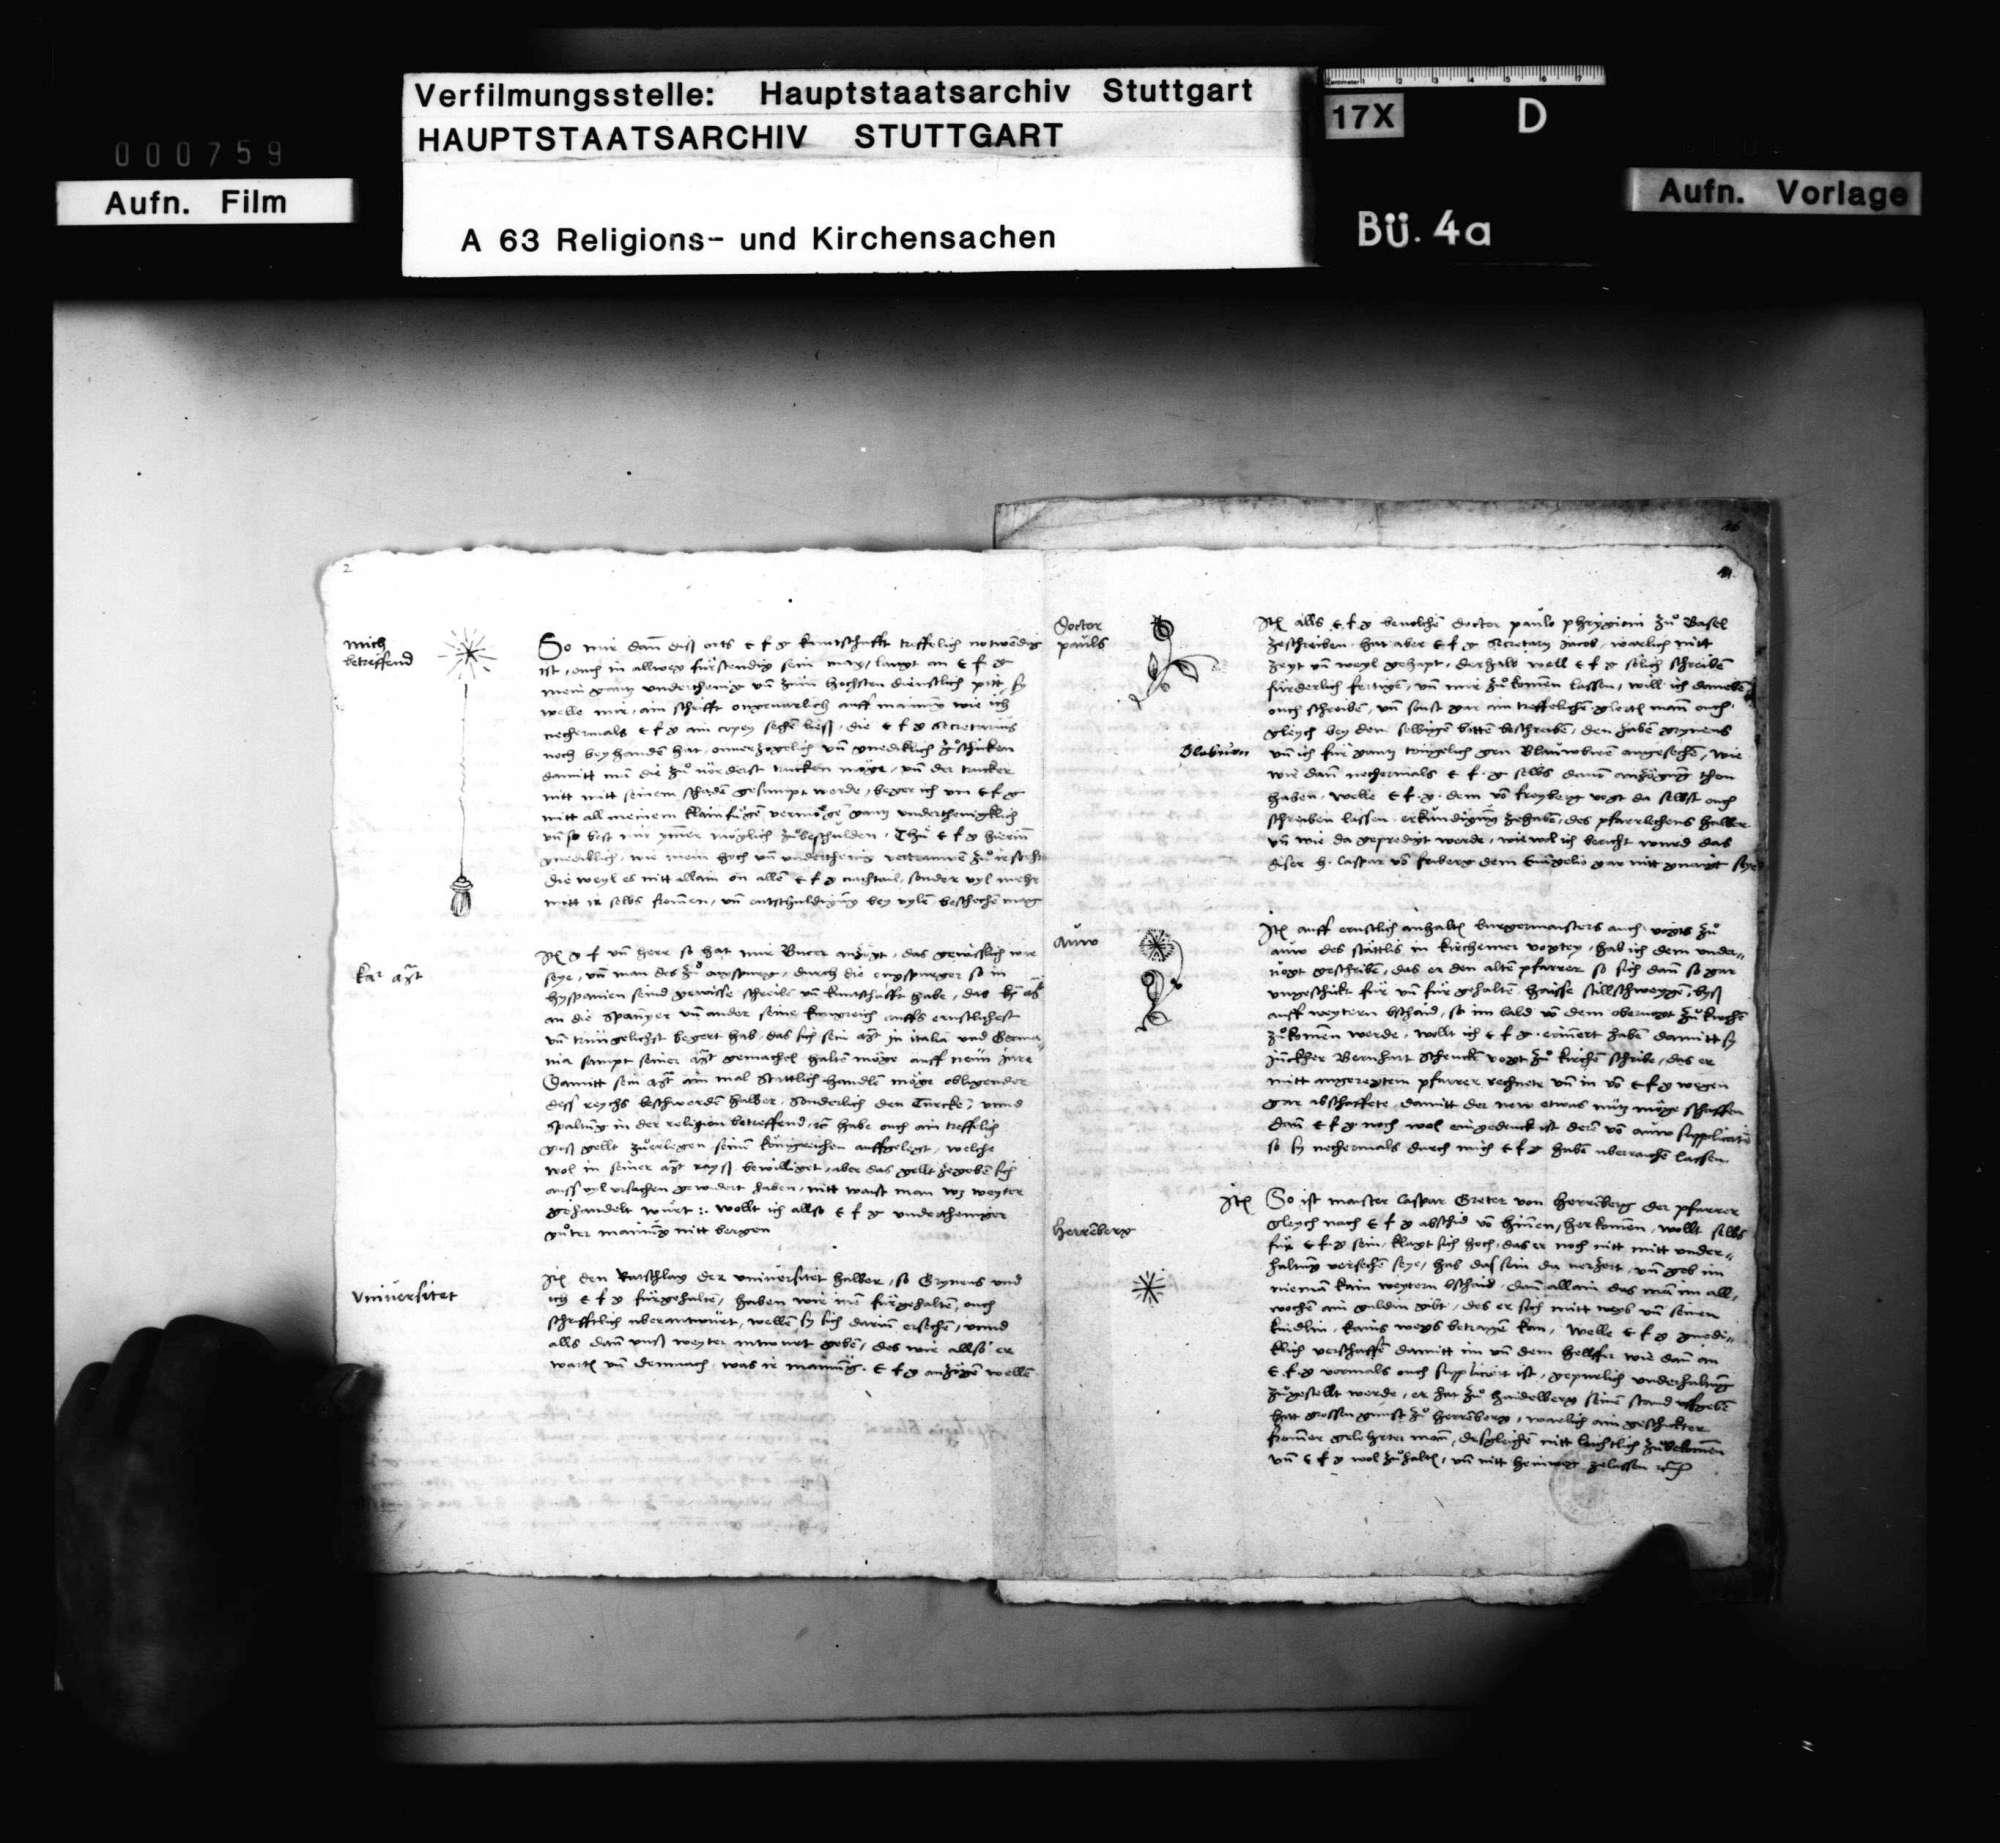 Blarers Rechtfertigung wegen seiner Lehre, Bild 3